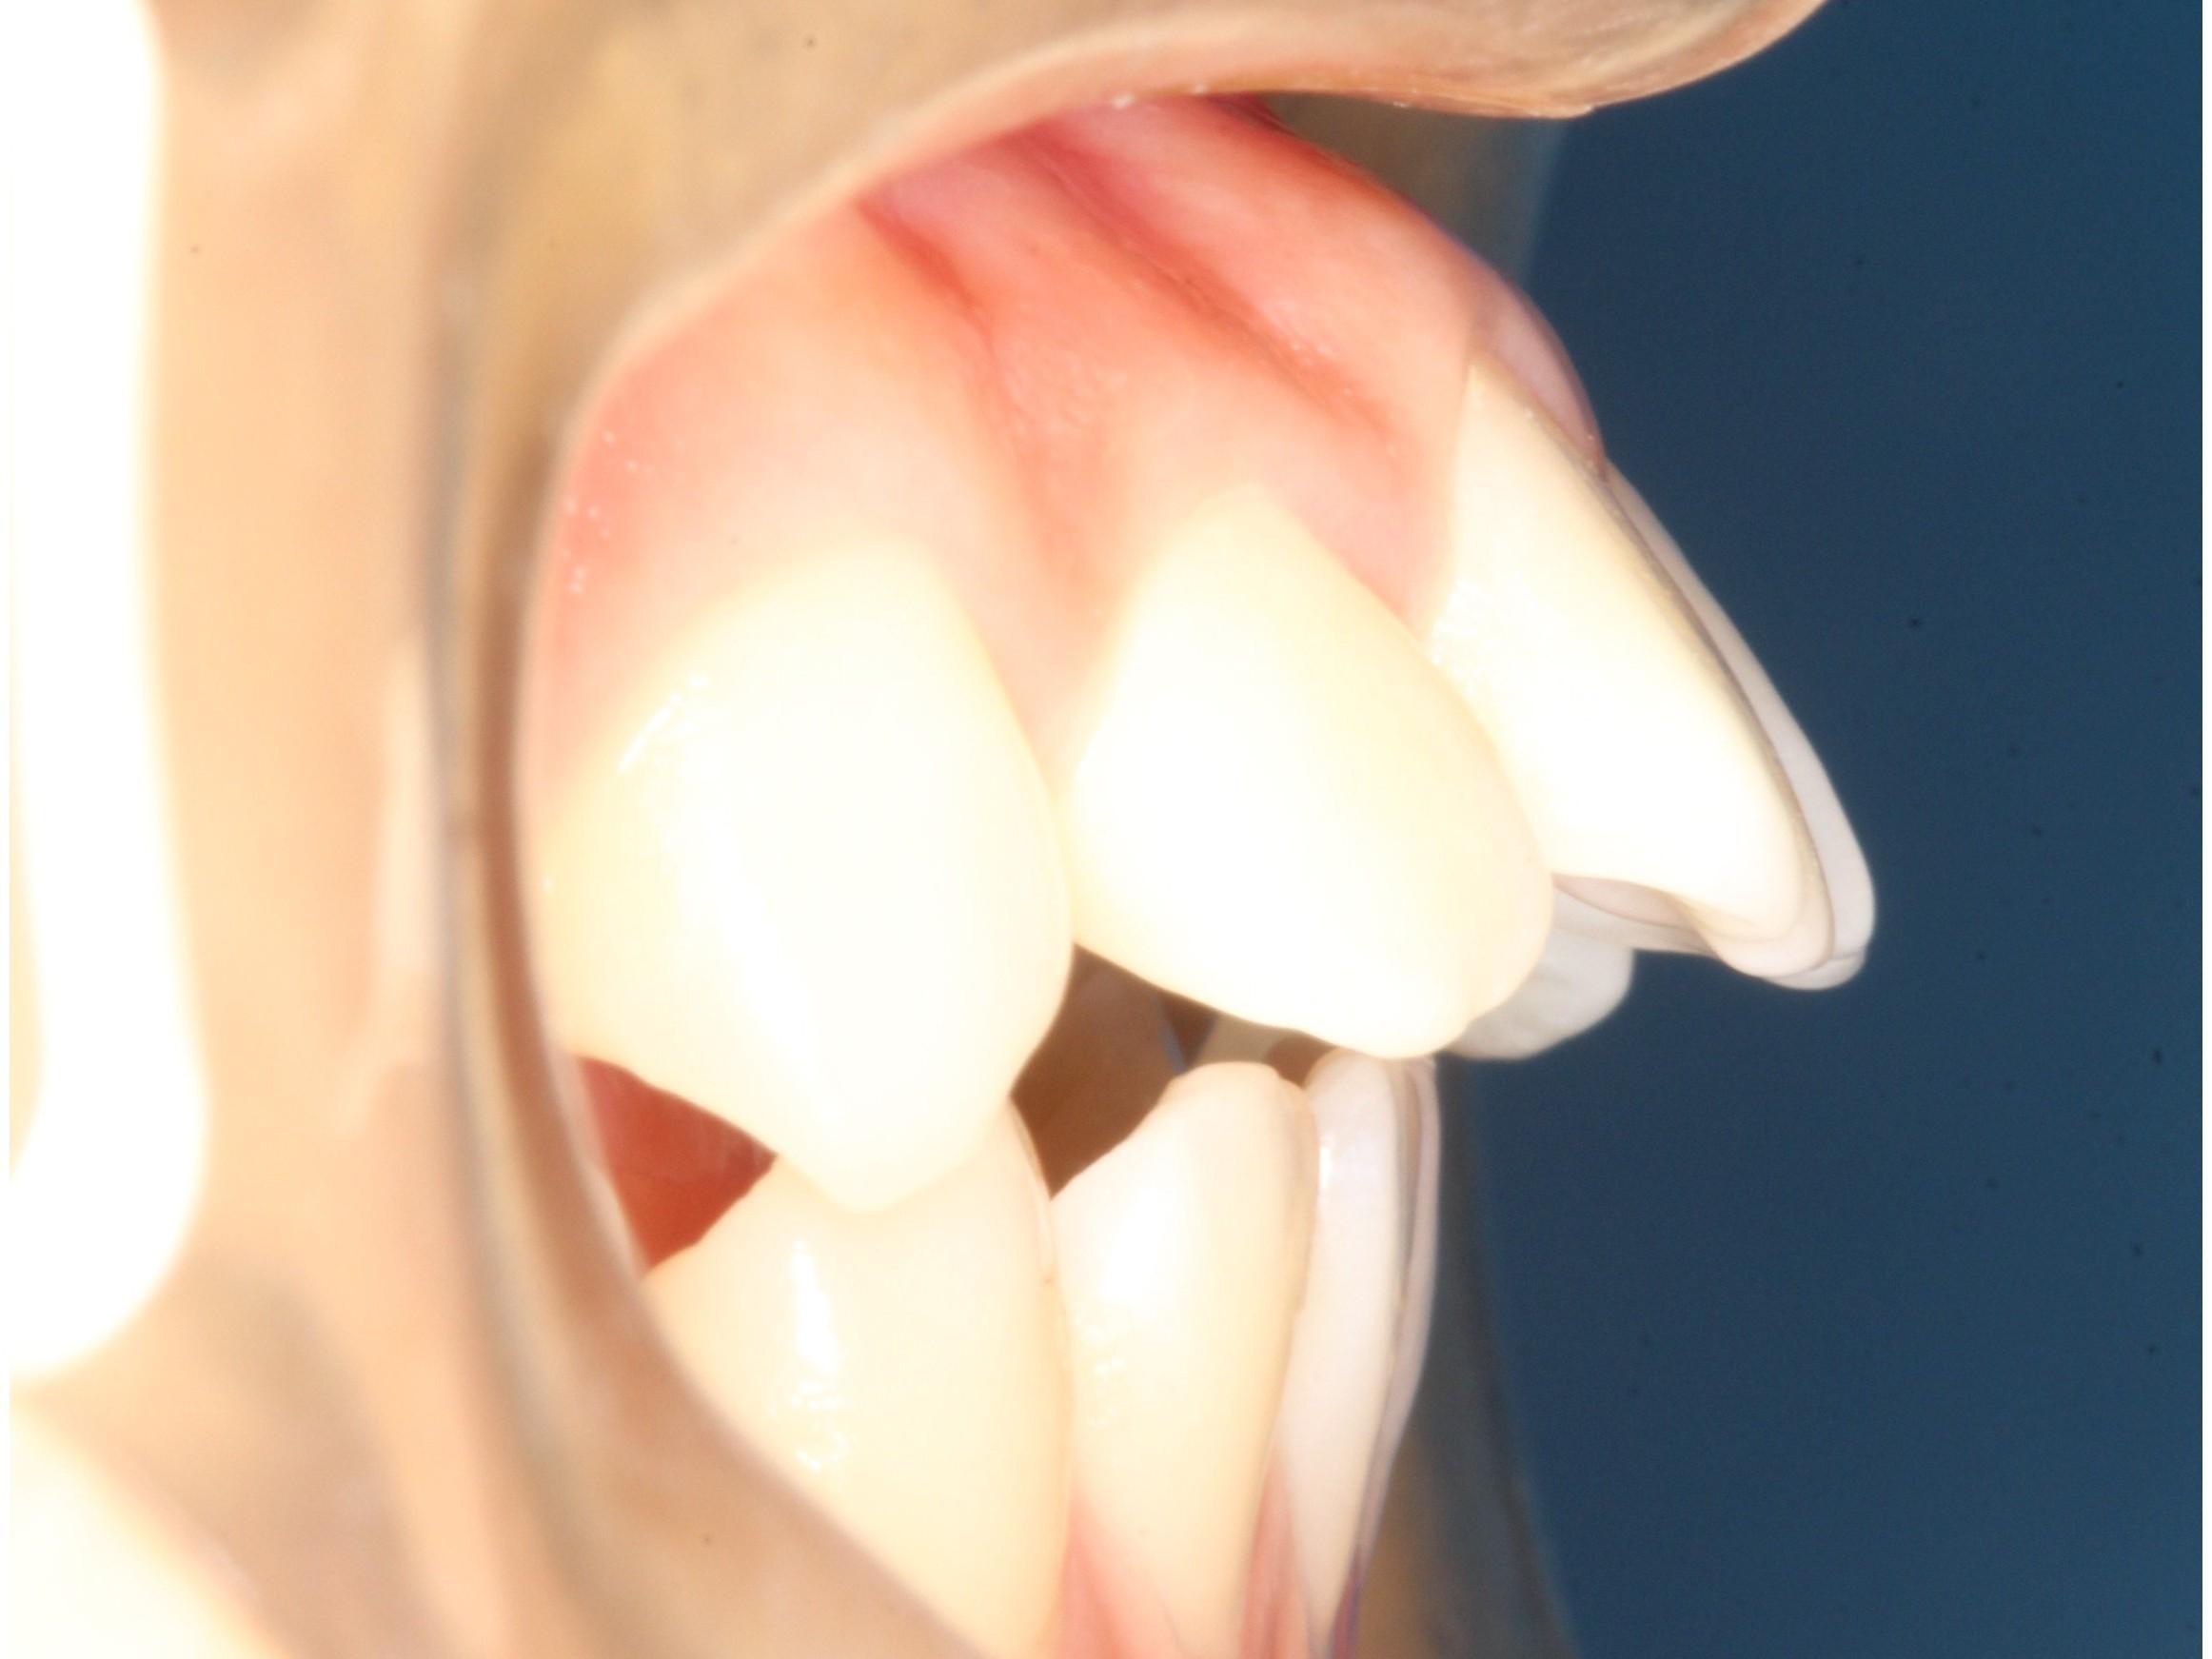 龅牙的危害有哪些?